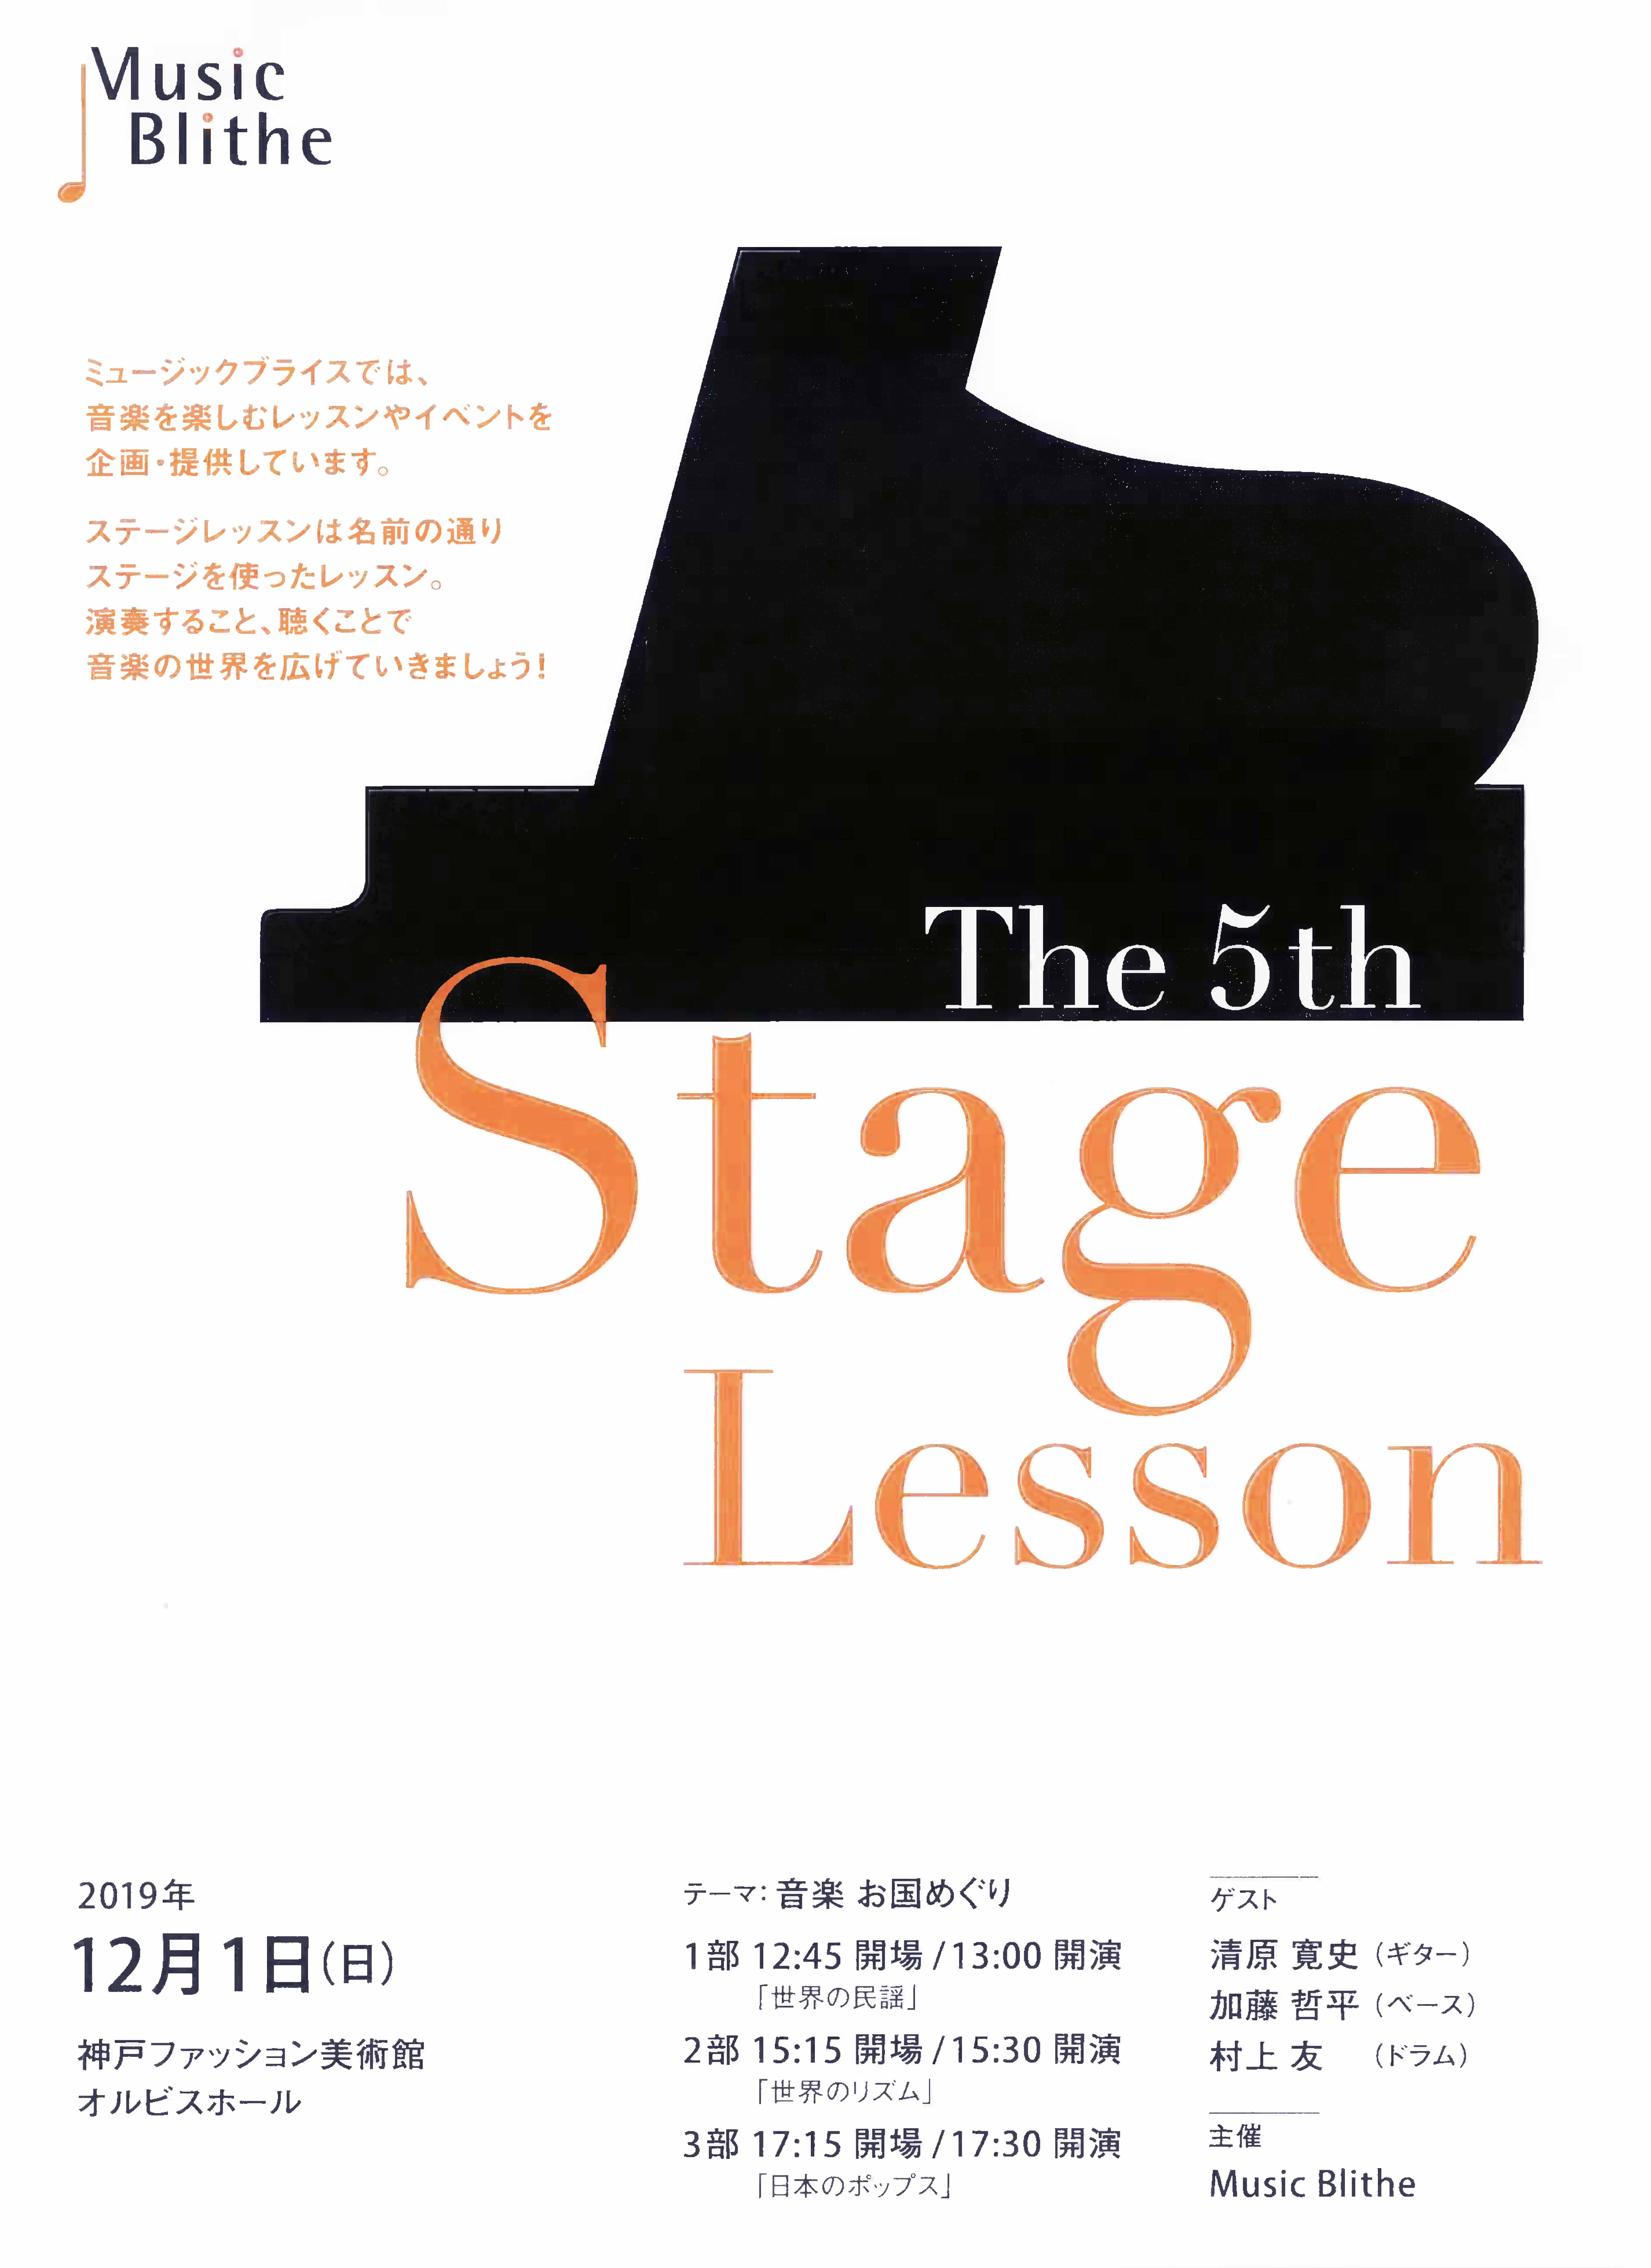 [オルビスホール情報]12/1(日)13:00~「ミュージックブライス The 5th Stage Lesson」3部構成で開催です!